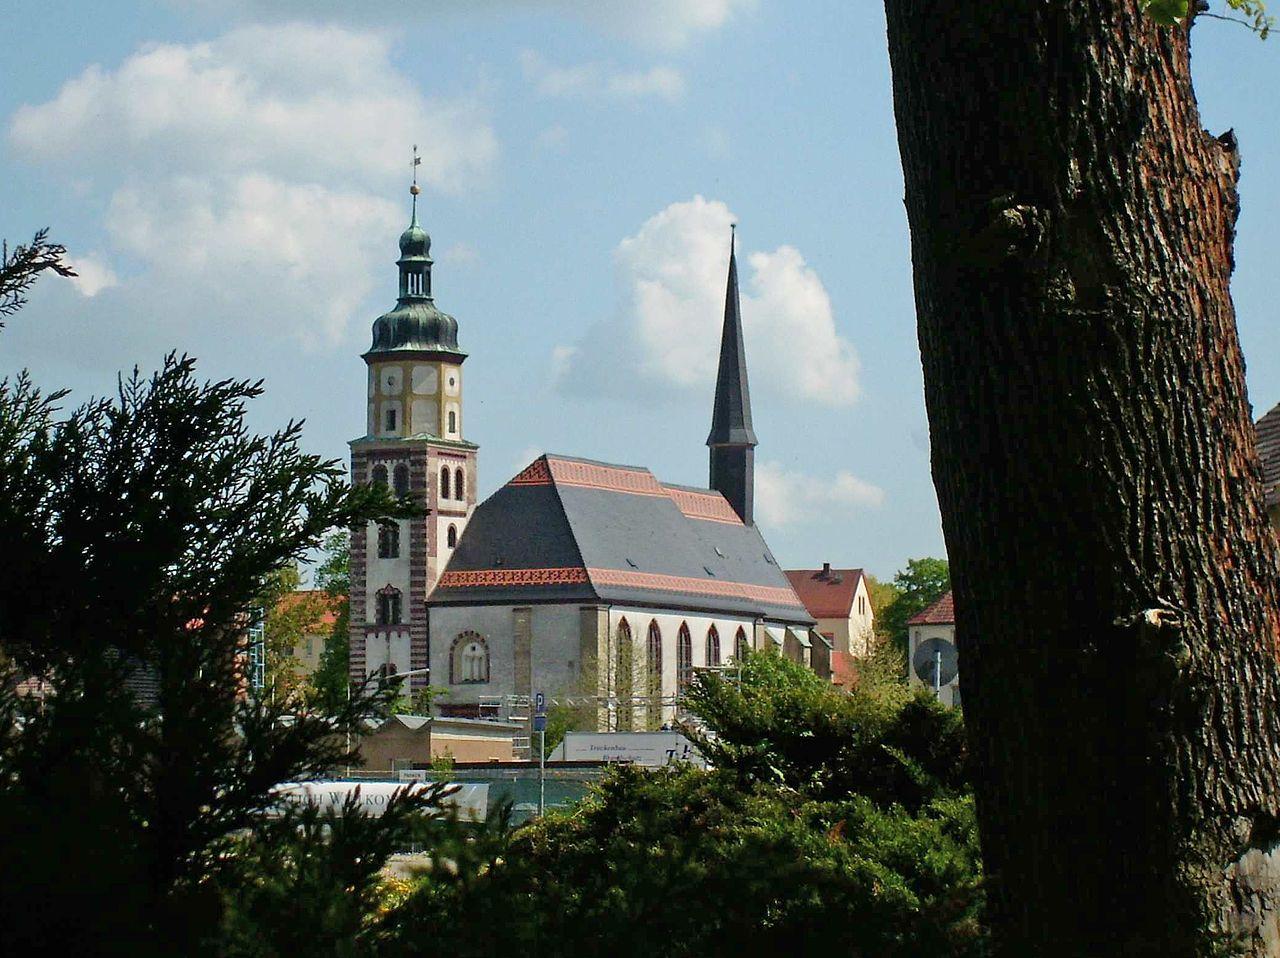 Bild Stadtkirche St. Georgen Rötha